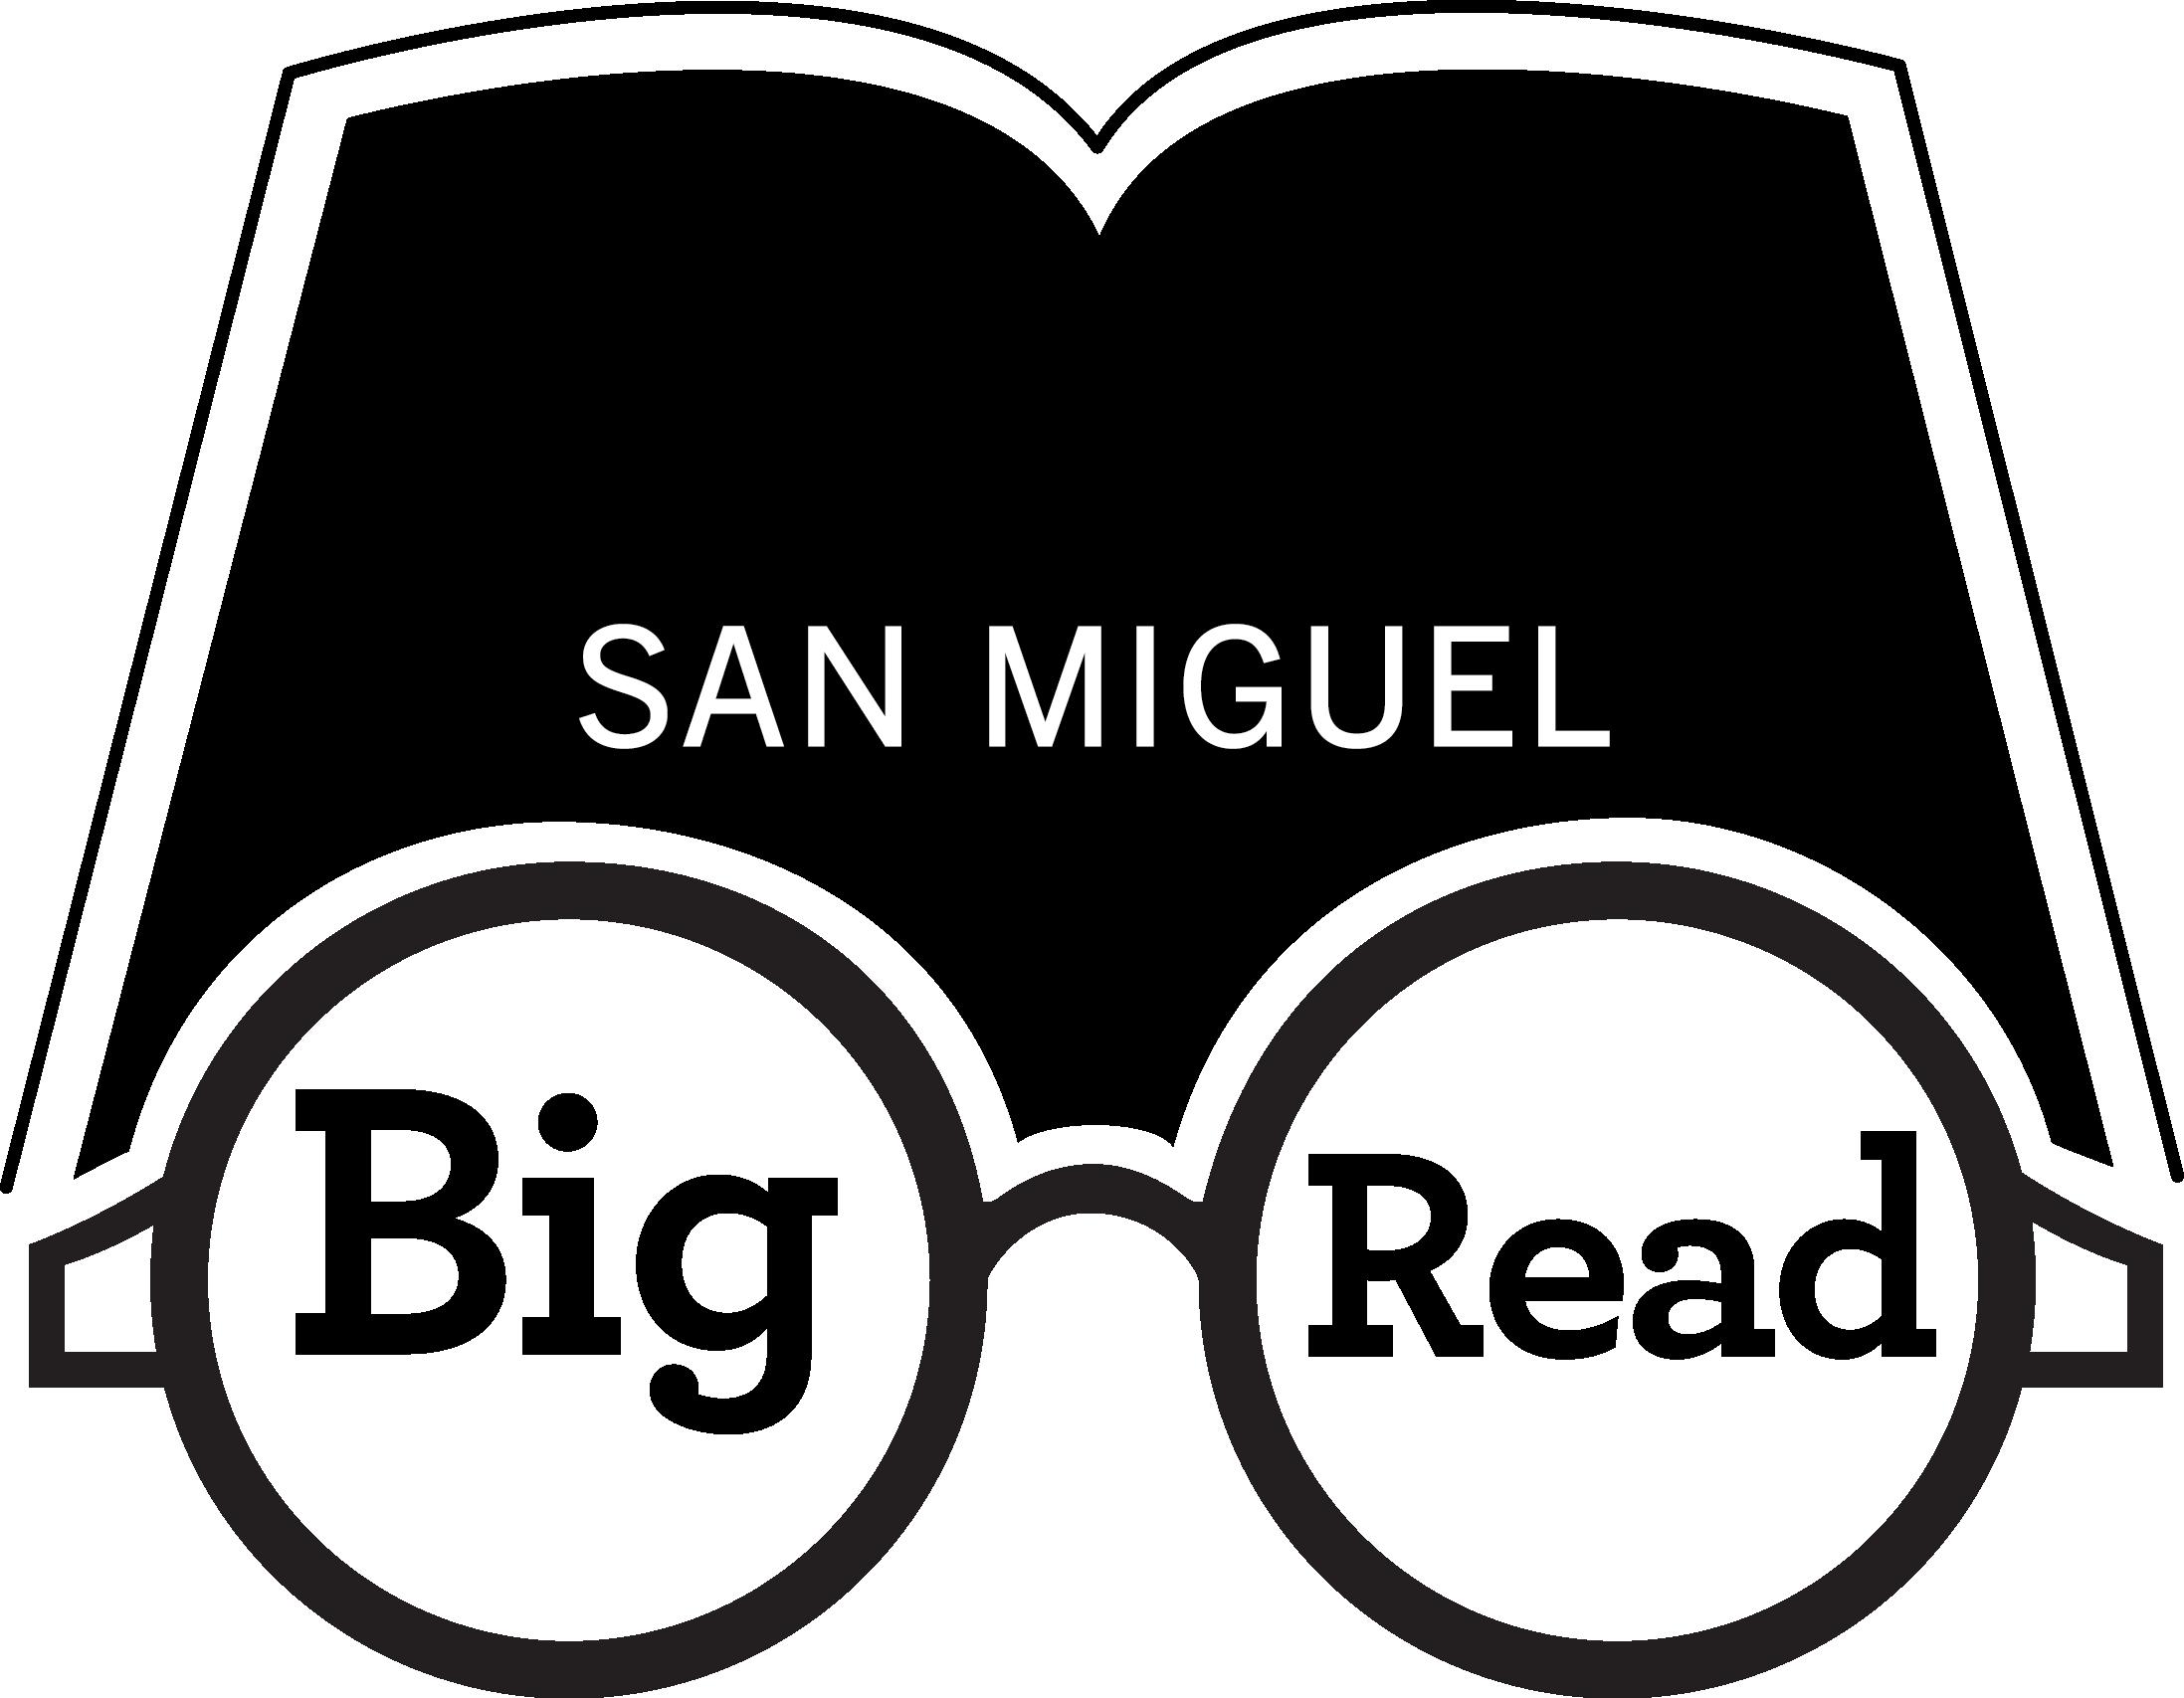 Annual San Miguel Big Read – San Miguel Literary Sala